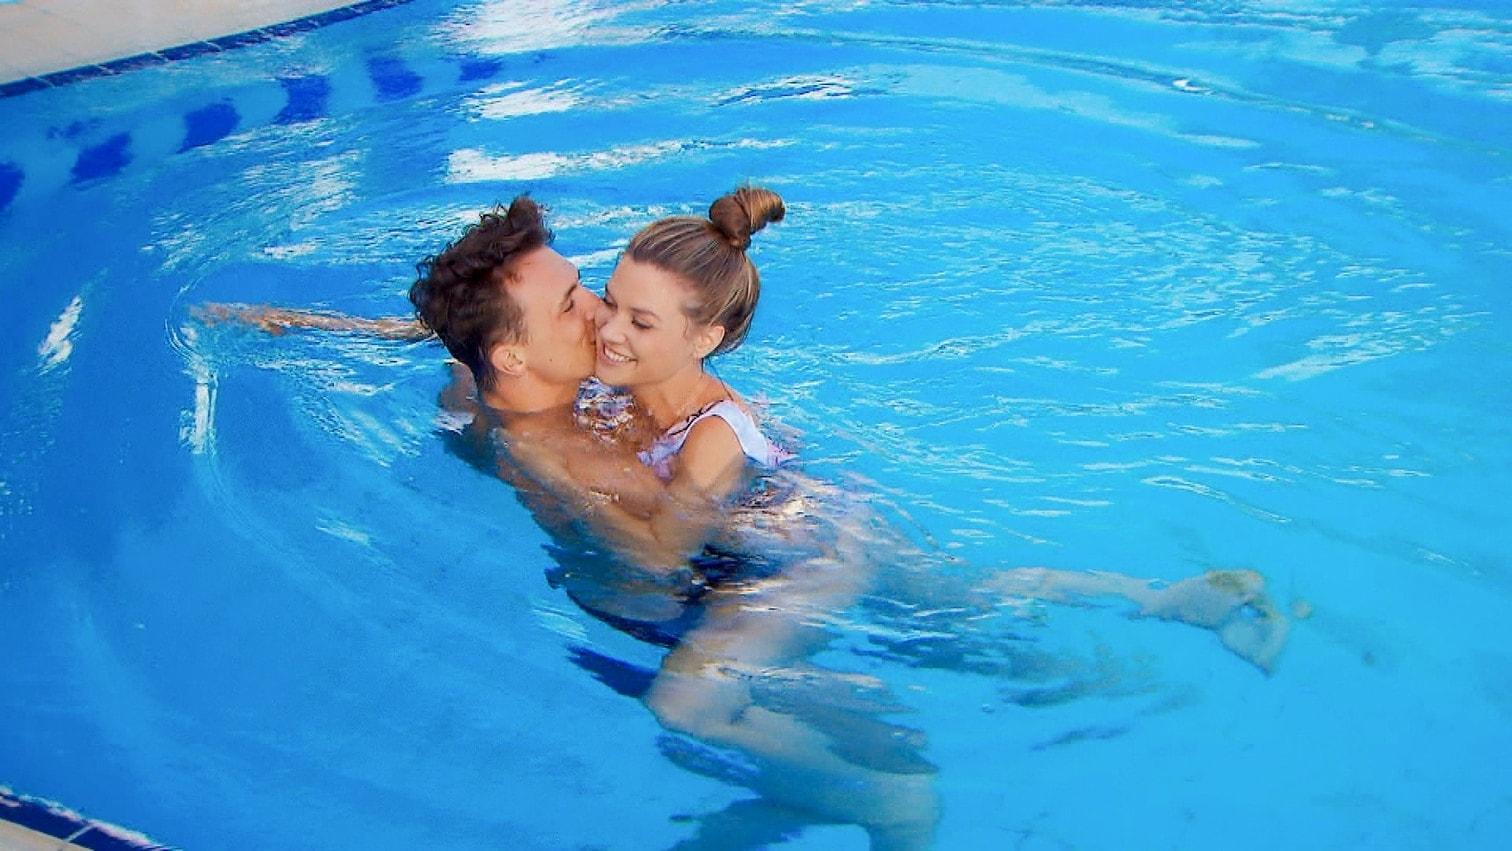 """<p>Da scheint eine Abkühlung dringend angebracht! Maxim geht beim Einzeldate mit Bachelorette Nadine in die Flirt-Offensive und fragt beim Techtelmechtel im Pool ganz cool: """"Willst du mich küssen?""""</p> Foto: MG RTL D"""